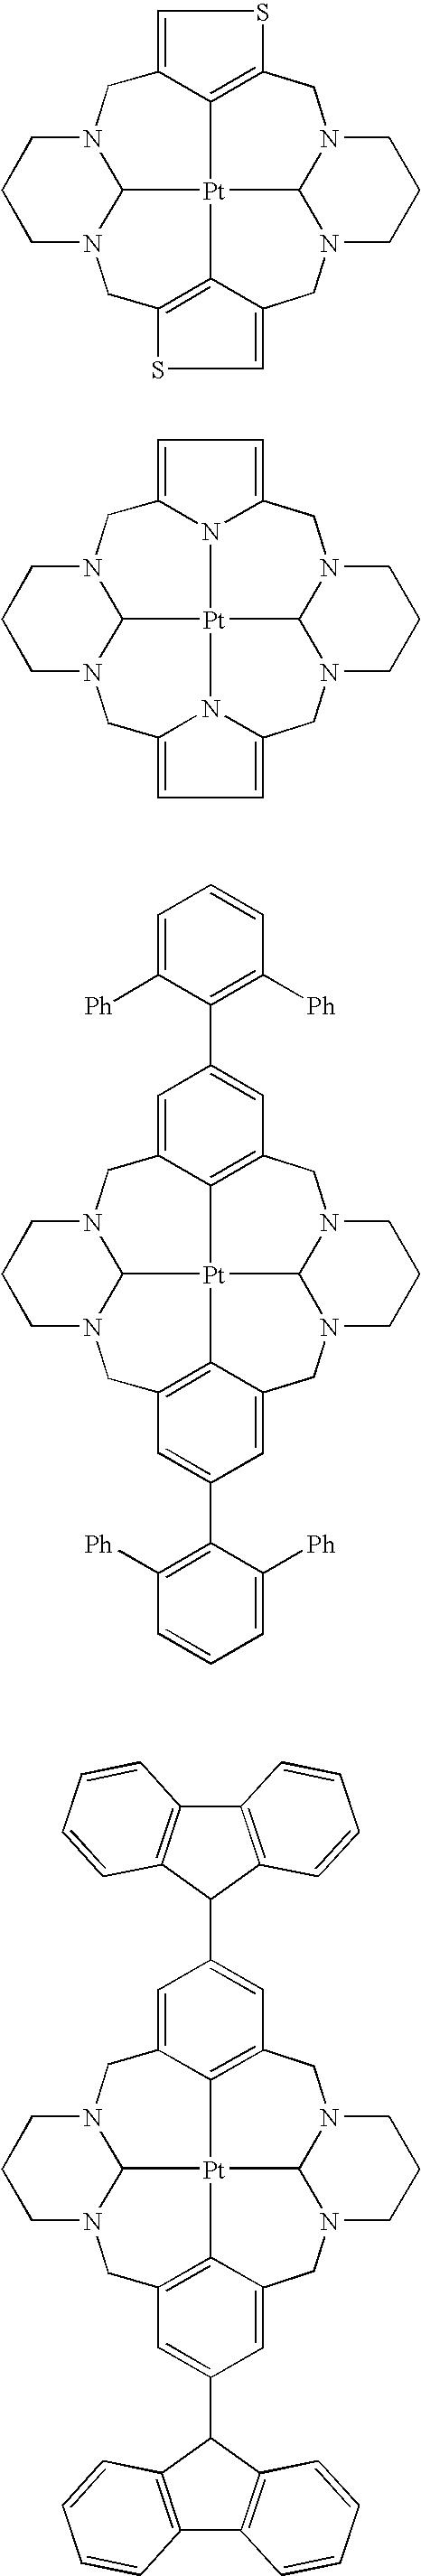 Figure US20050260445A1-20051124-C00067